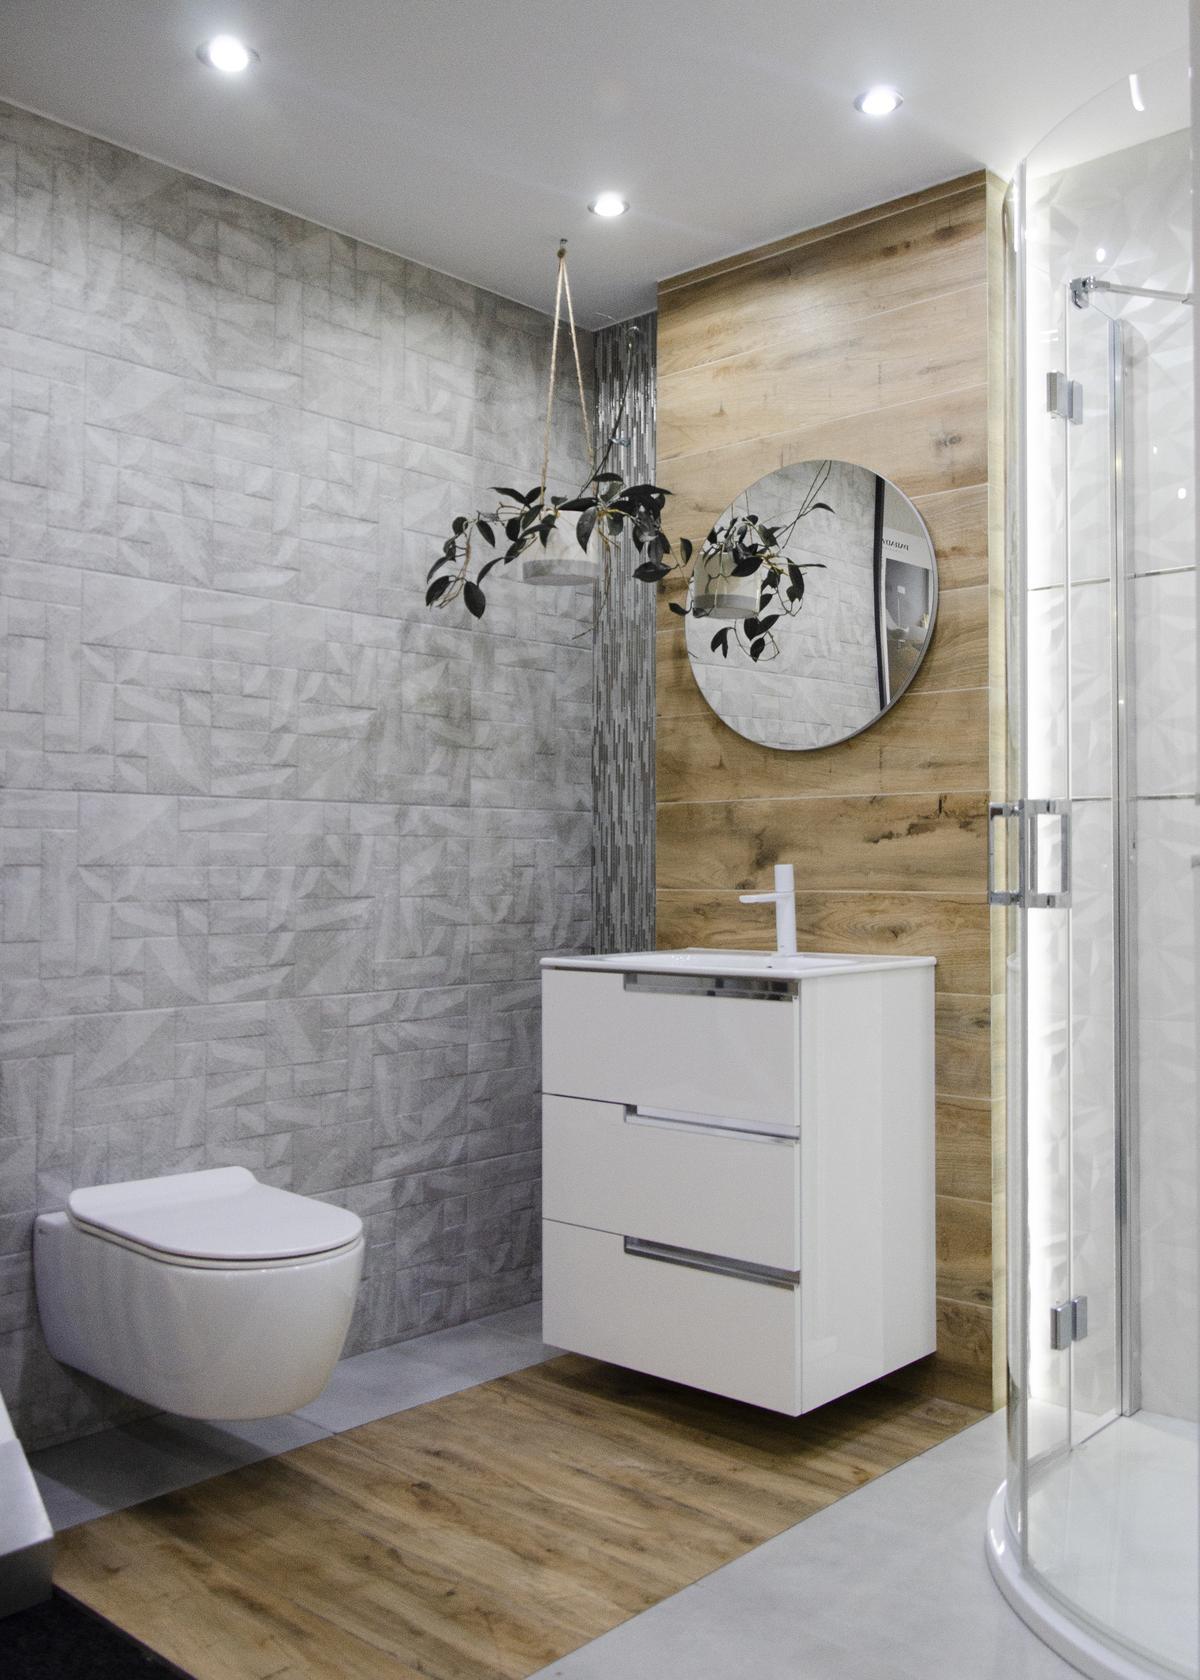 Aranżacja naturalistycznej łazienki z ozdobną ścianą imitującą beton - zdjęcie od BLU salon łazienek Kołobrzeg